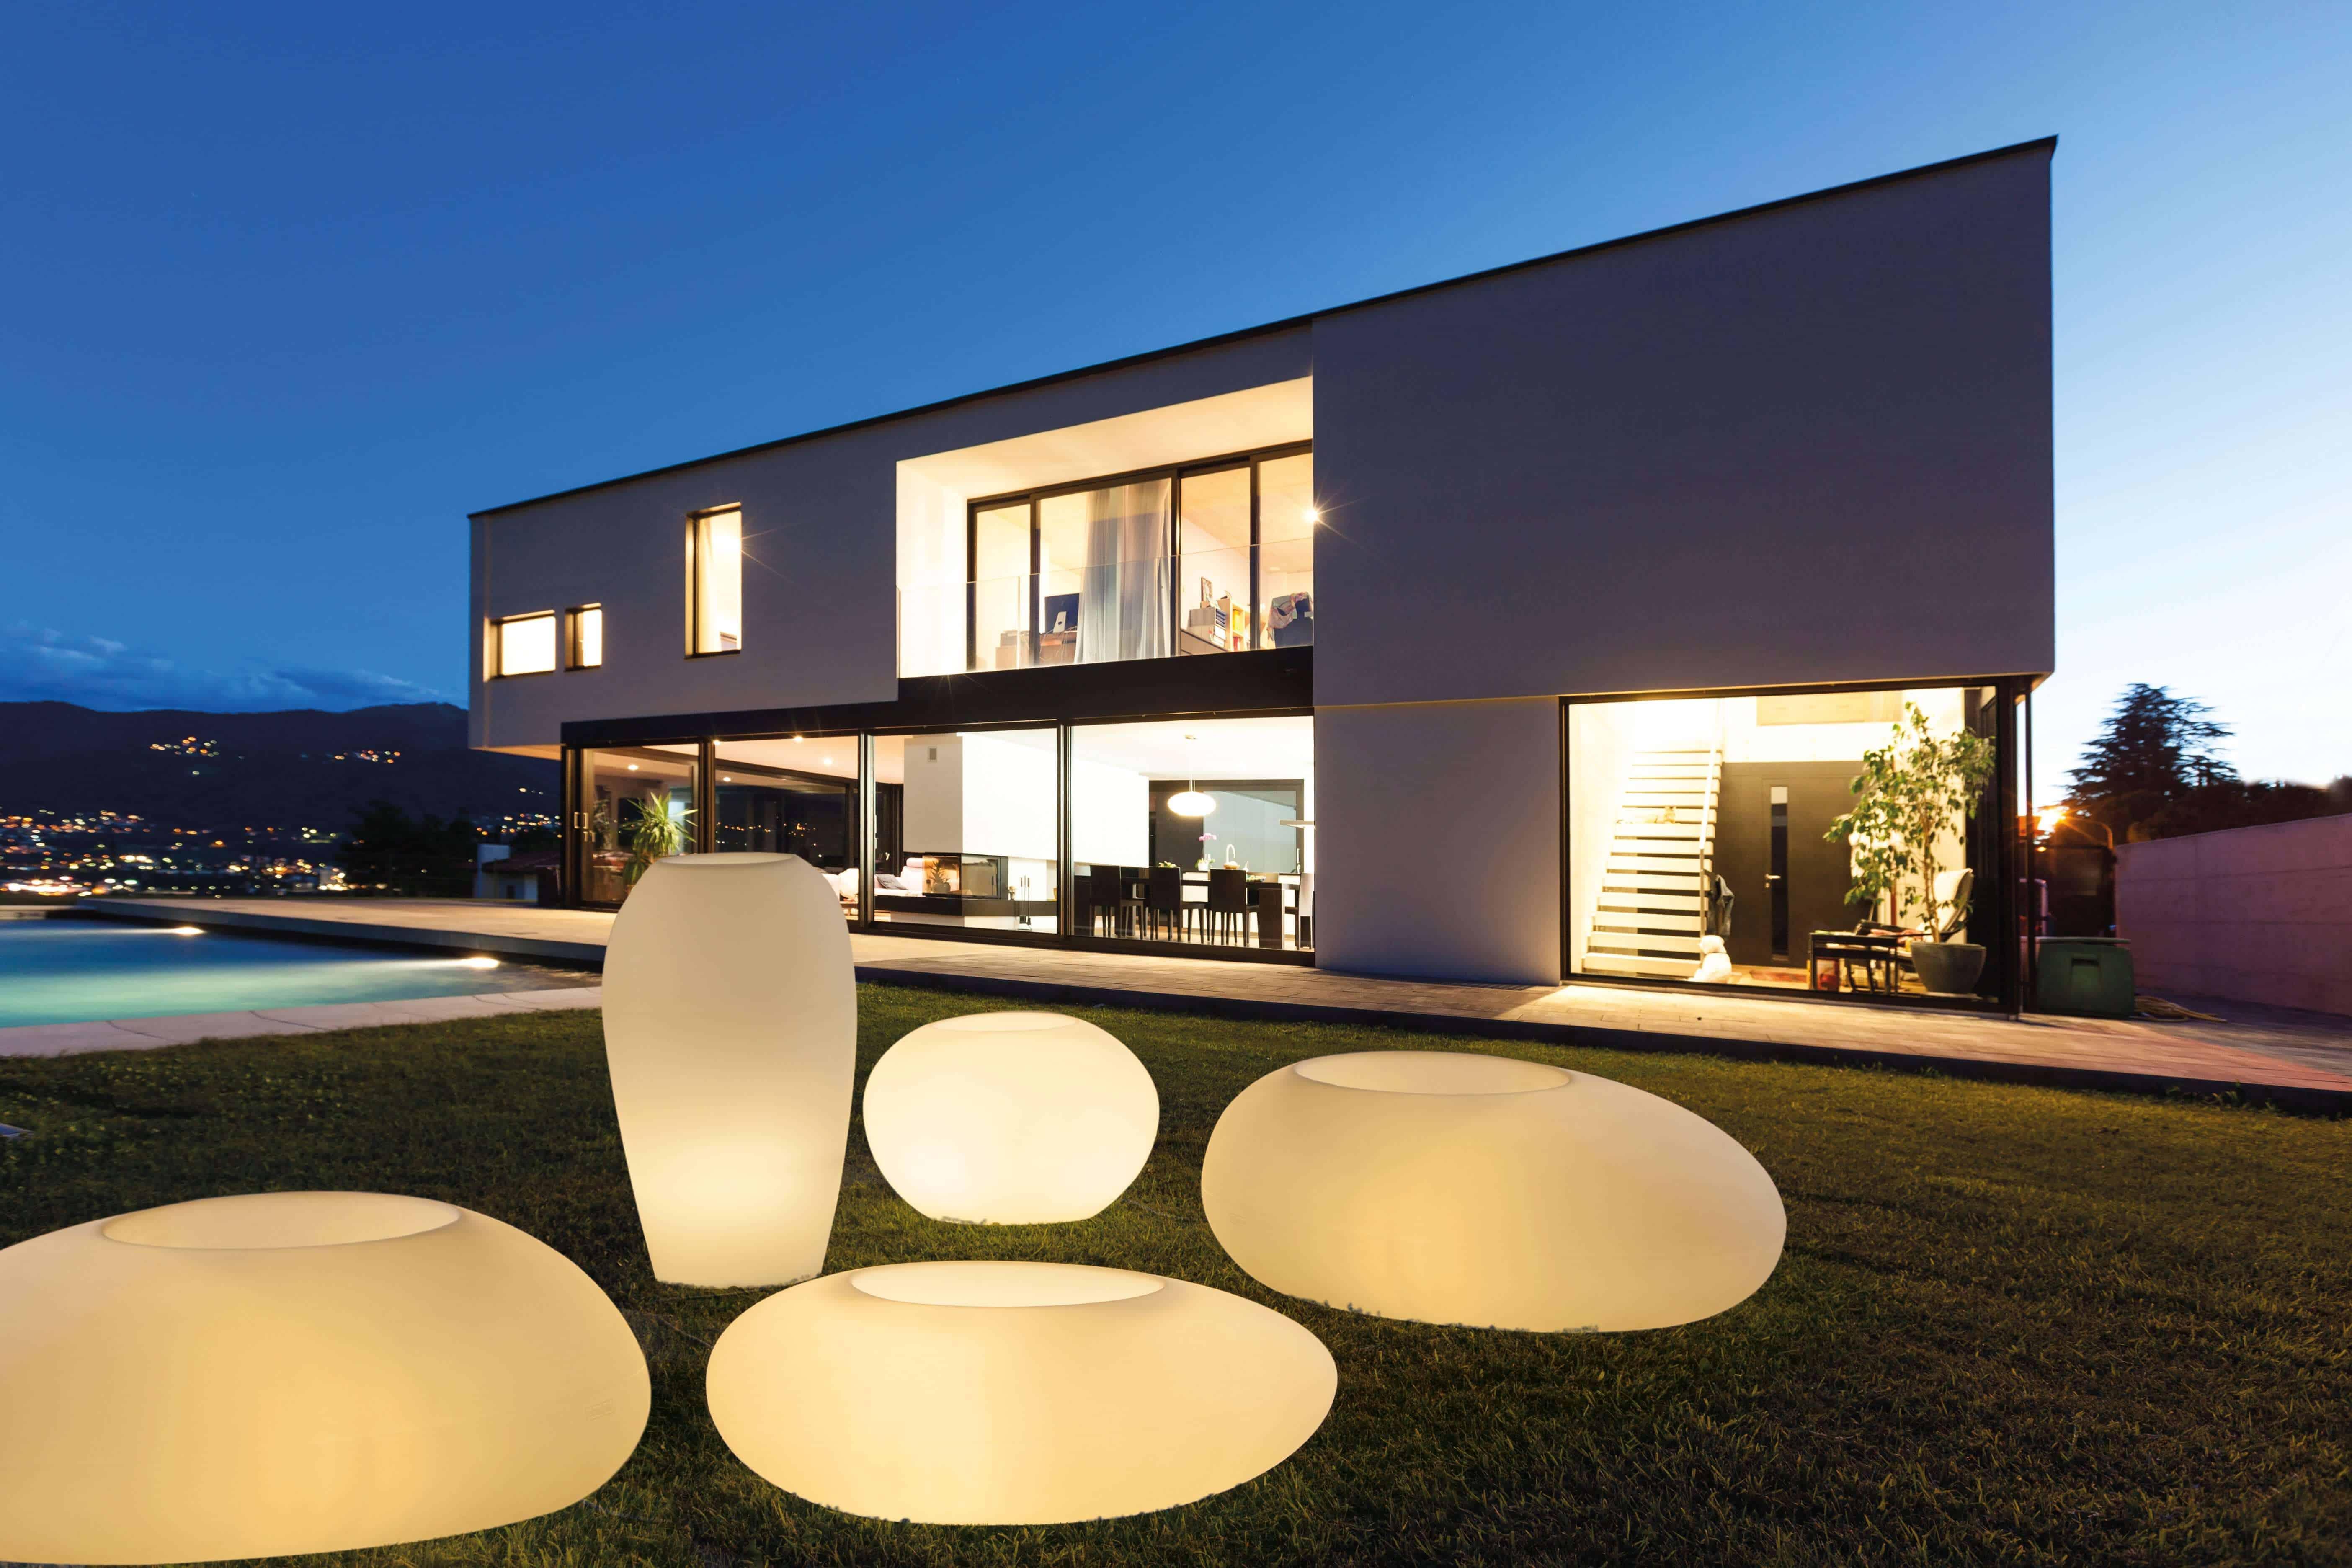 De vormgeving van de verlichte bloembakken past perfect bij de strakke vormgeving van de woning